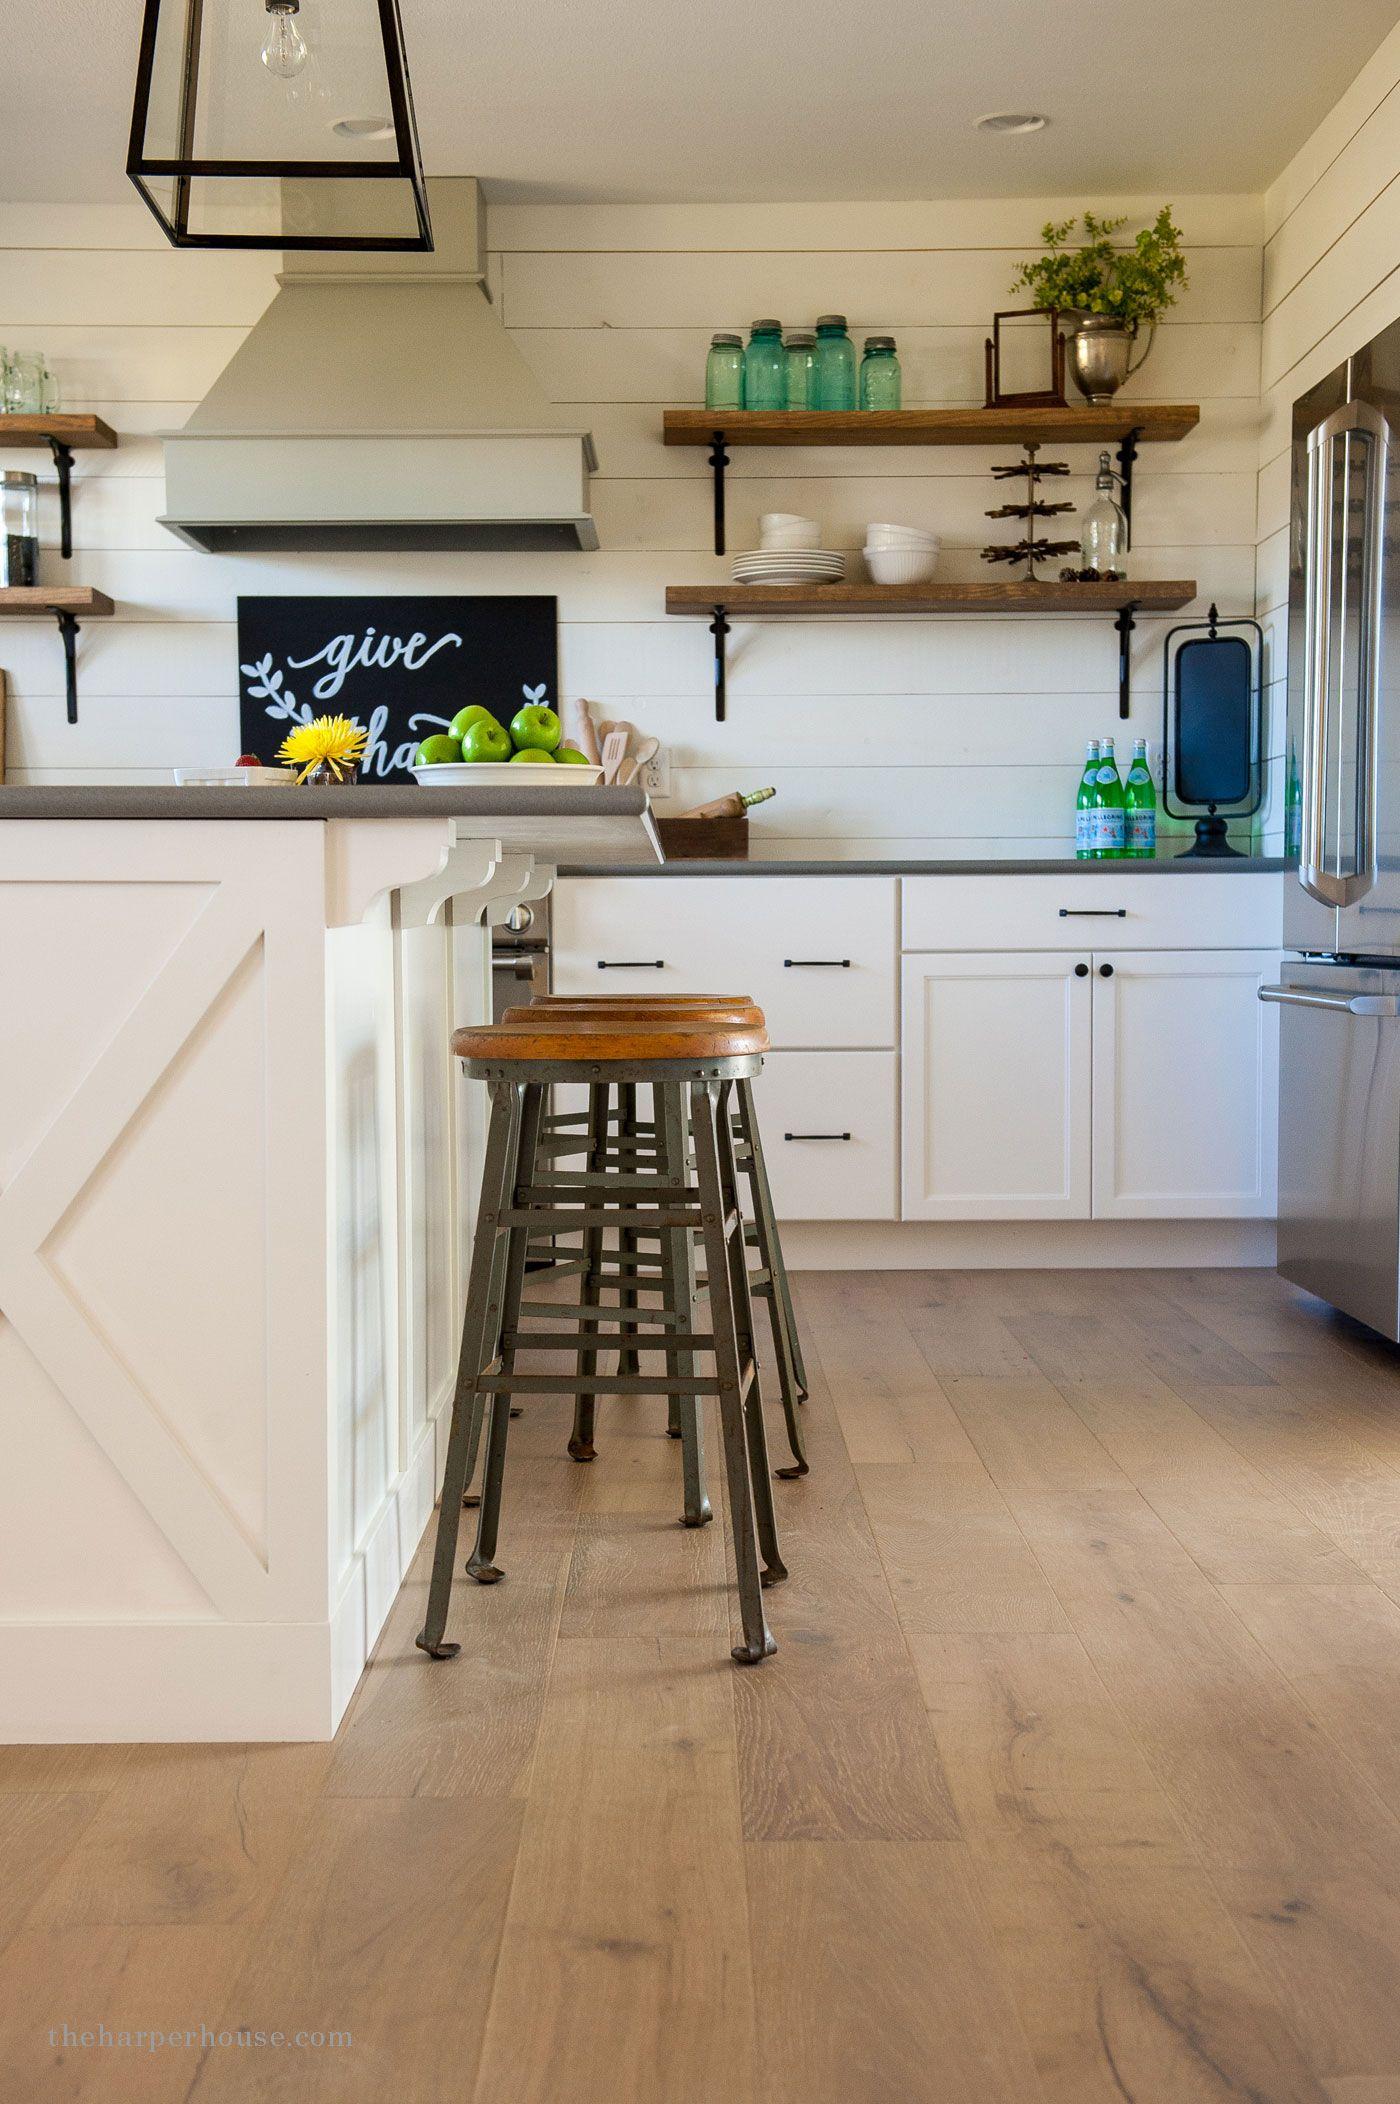 Farmhouse Style Kitchen Details Farmhouse kitchen tables